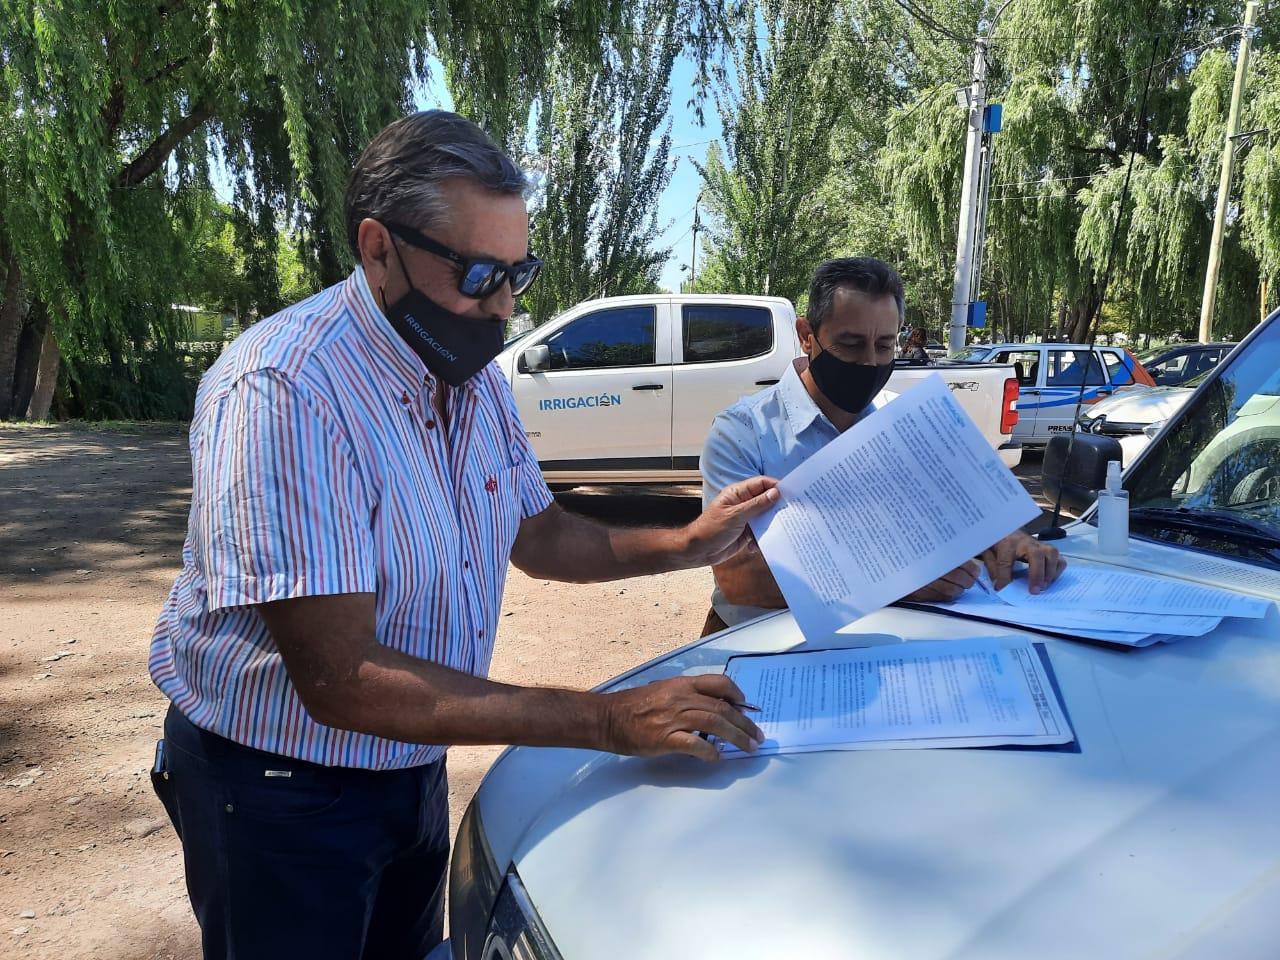 Irrigación y la Municipalidad de San Carlos firmaron un convenio para la cesión de terrenos